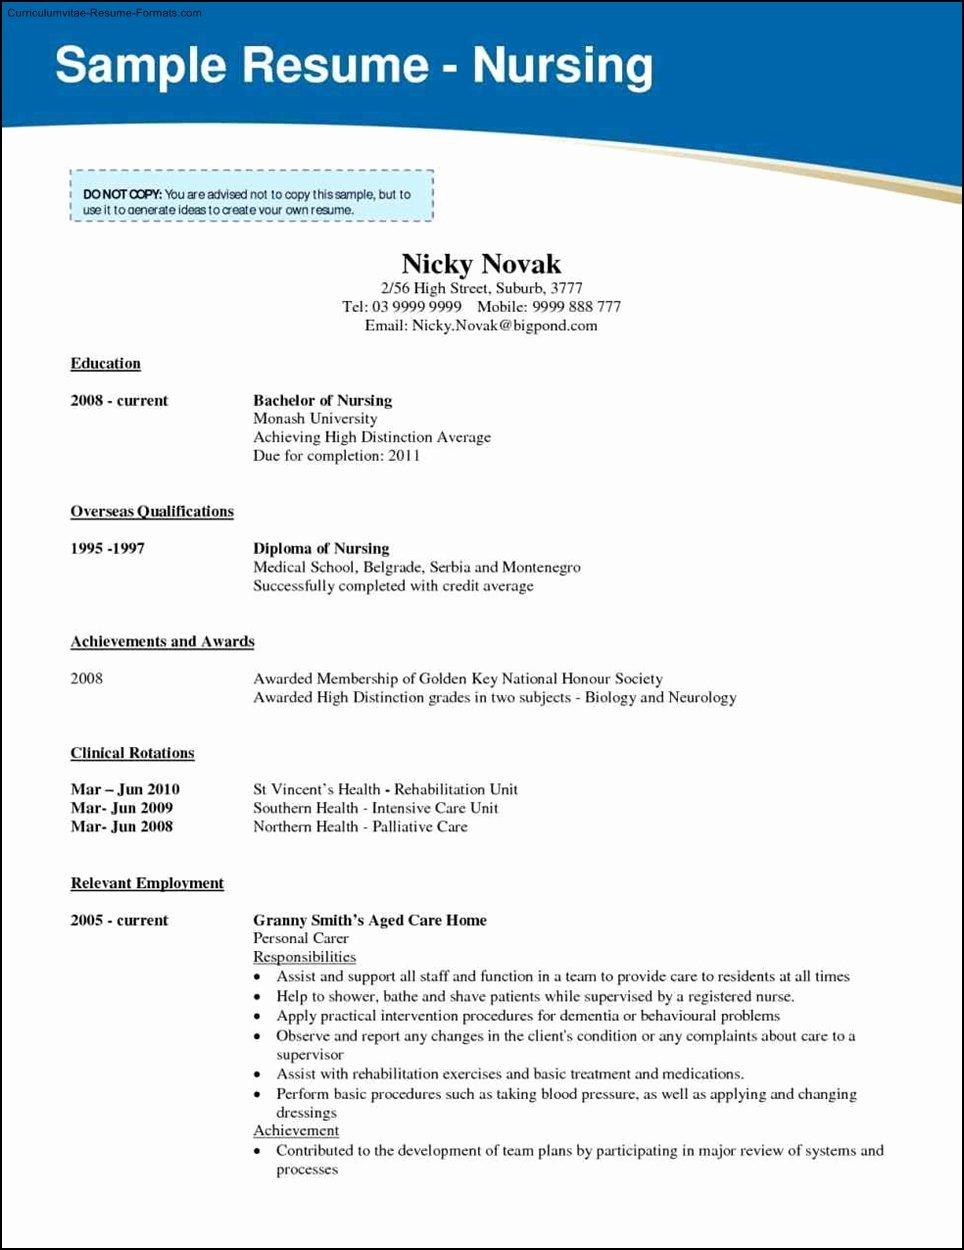 Nursing School Resume Template Free Samples Examples